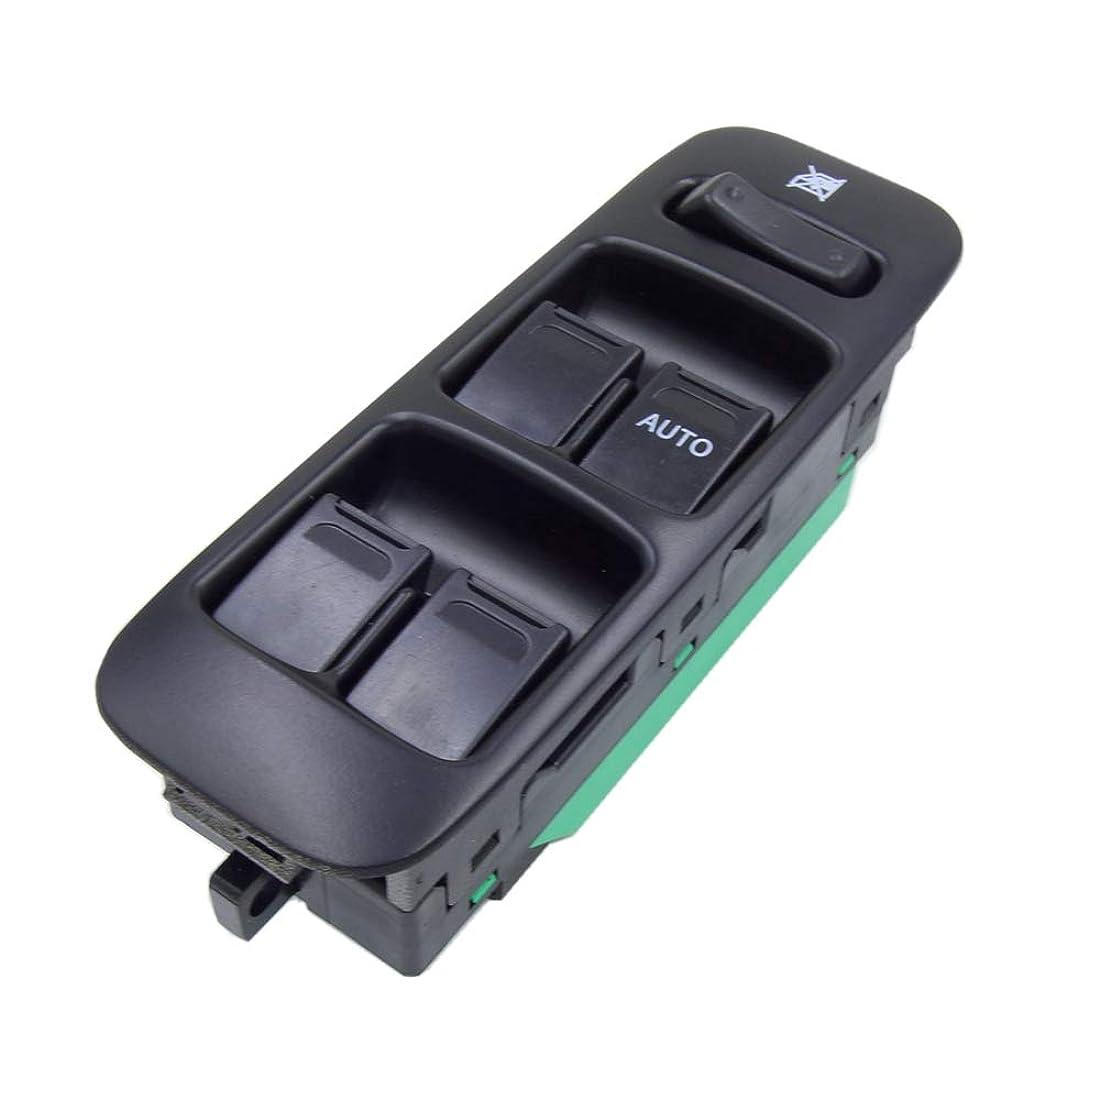 ストレンジャー受け継ぐスーツケース2ドア分 汎用 パワーウインドウ 後付キット フレキシブル ワイヤータイプ